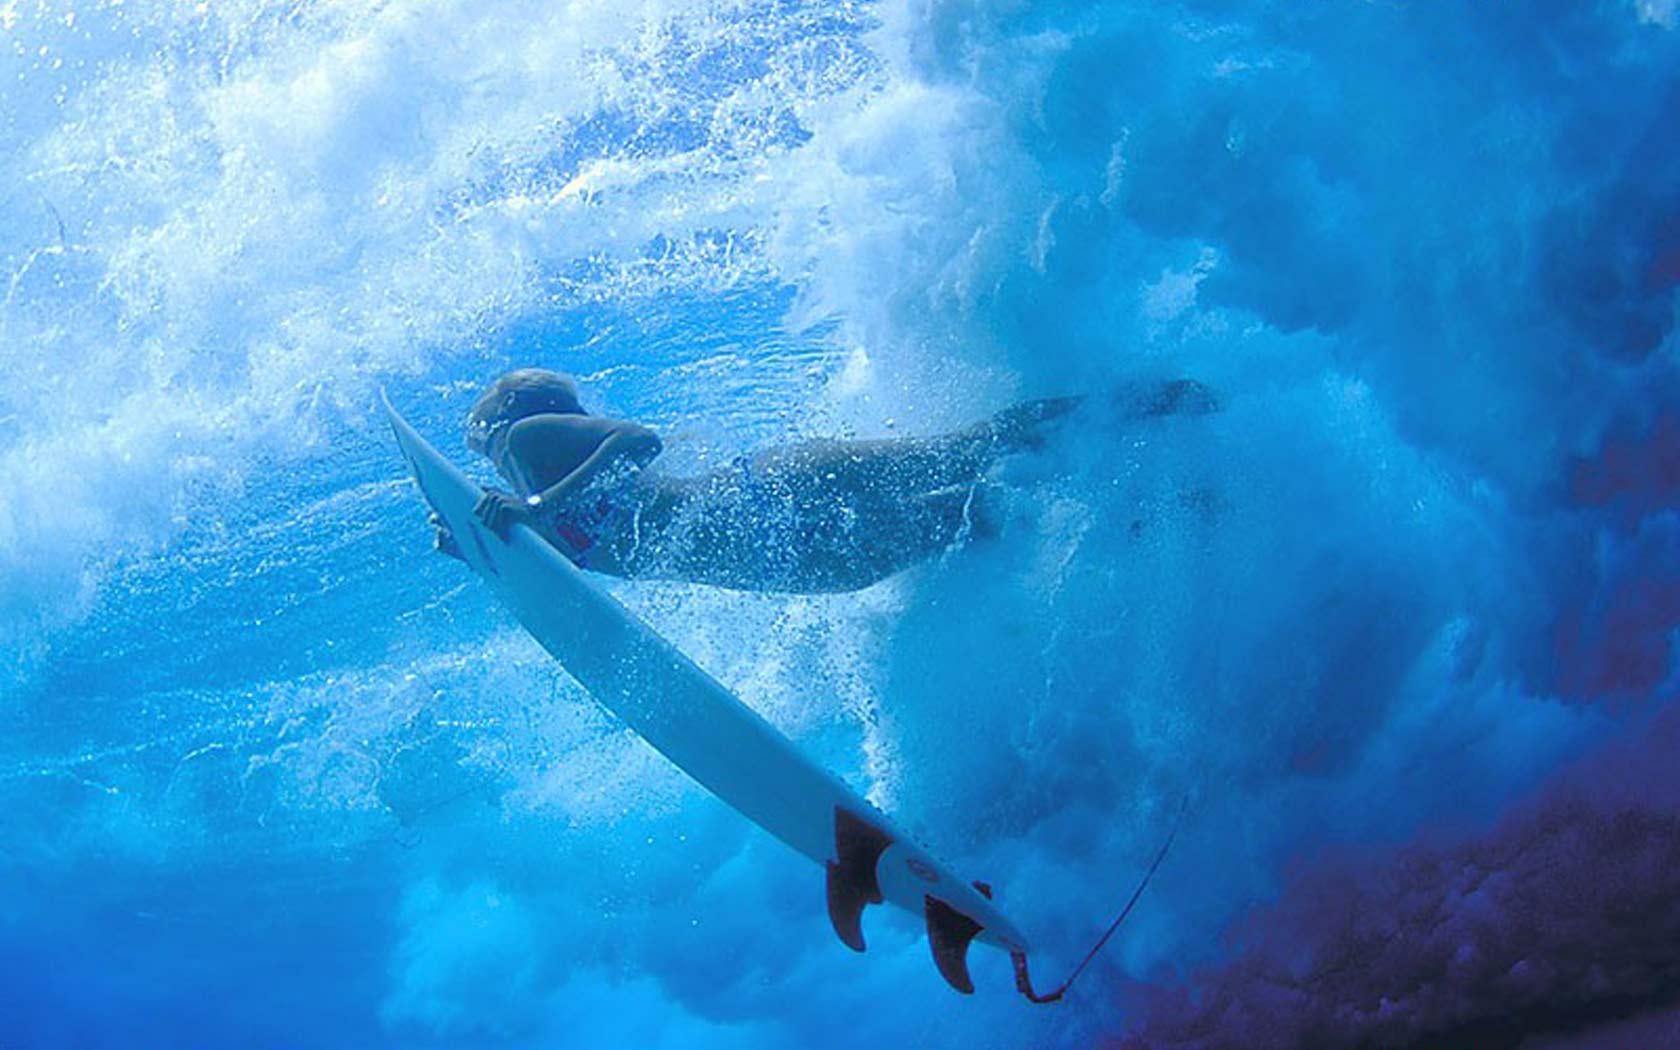 surf girl wallpaper for - photo #17